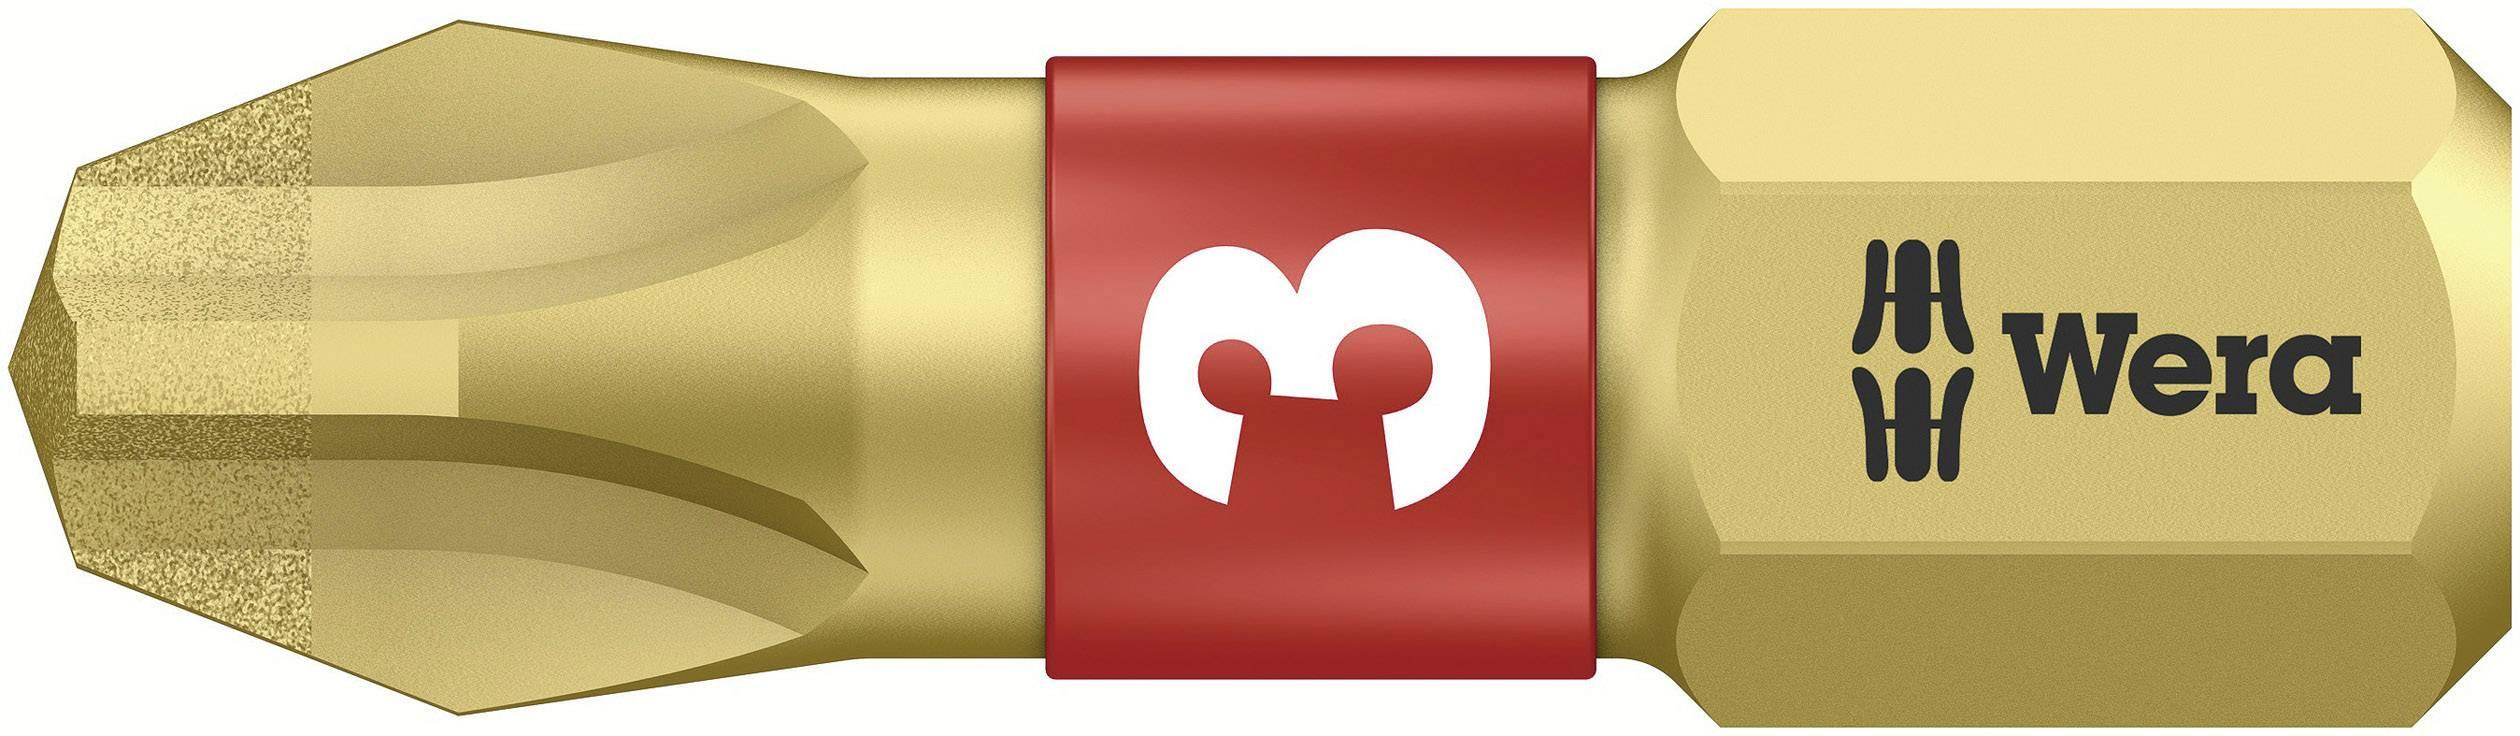 Krížový bit Wera 851/1 BDC PH3X25 05 056404 001, 25 mm, nástrojová oceľ, legované, diamantová vrstva, 1 ks